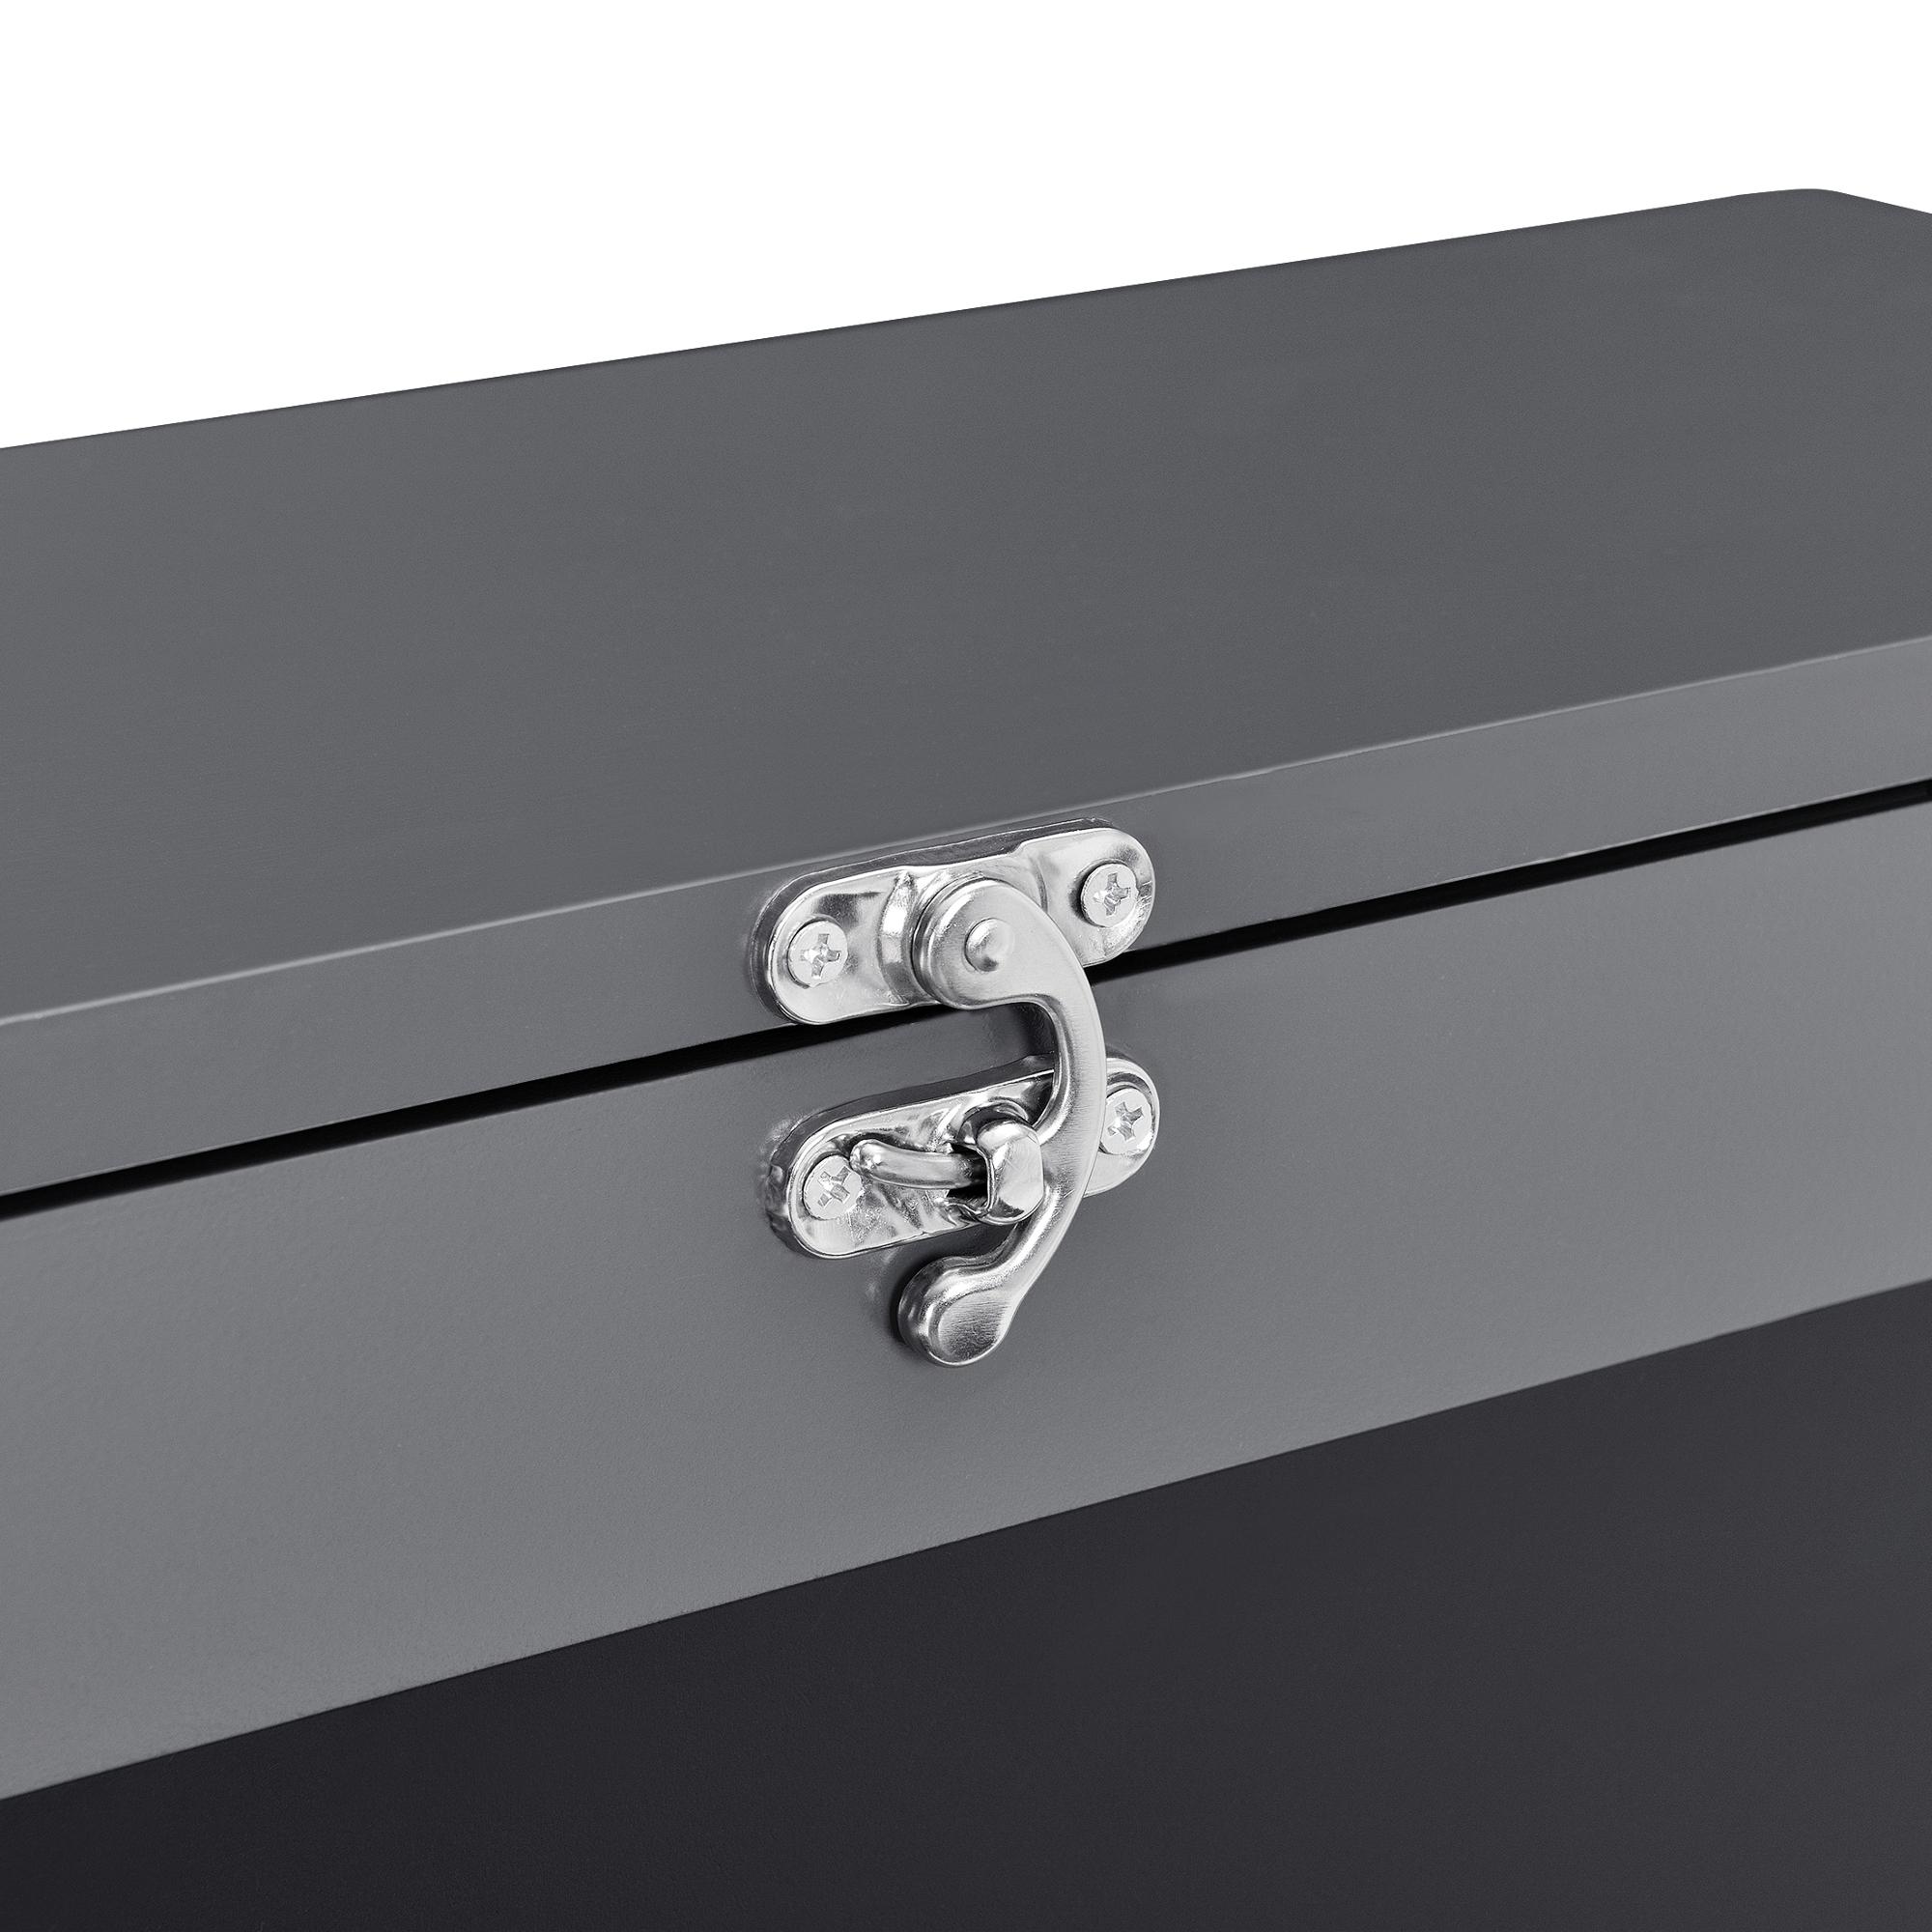 wandtisch klappbar kleine esstische with wandtisch. Black Bedroom Furniture Sets. Home Design Ideas